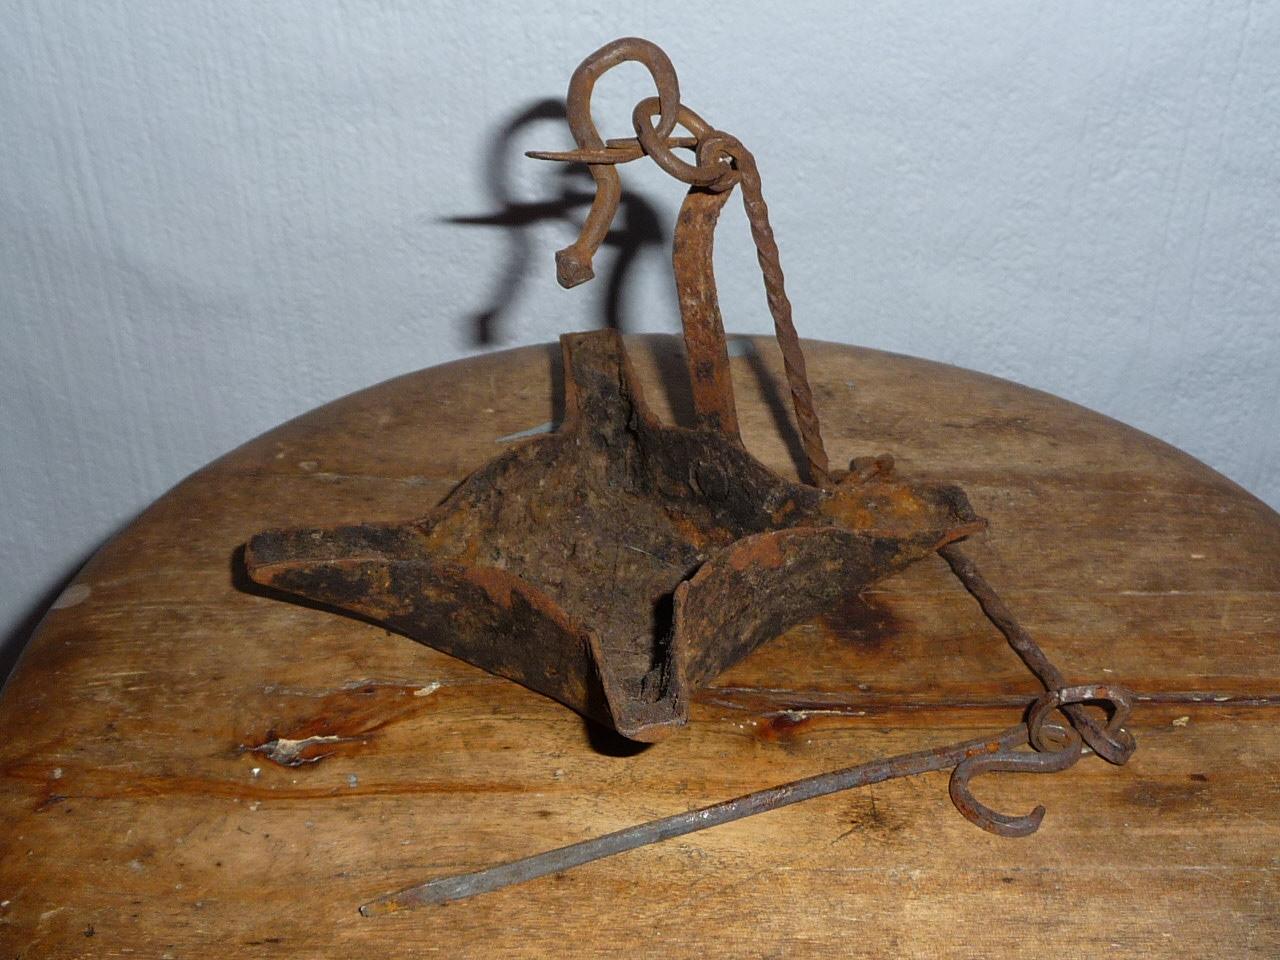 objet decoratif a suspendre